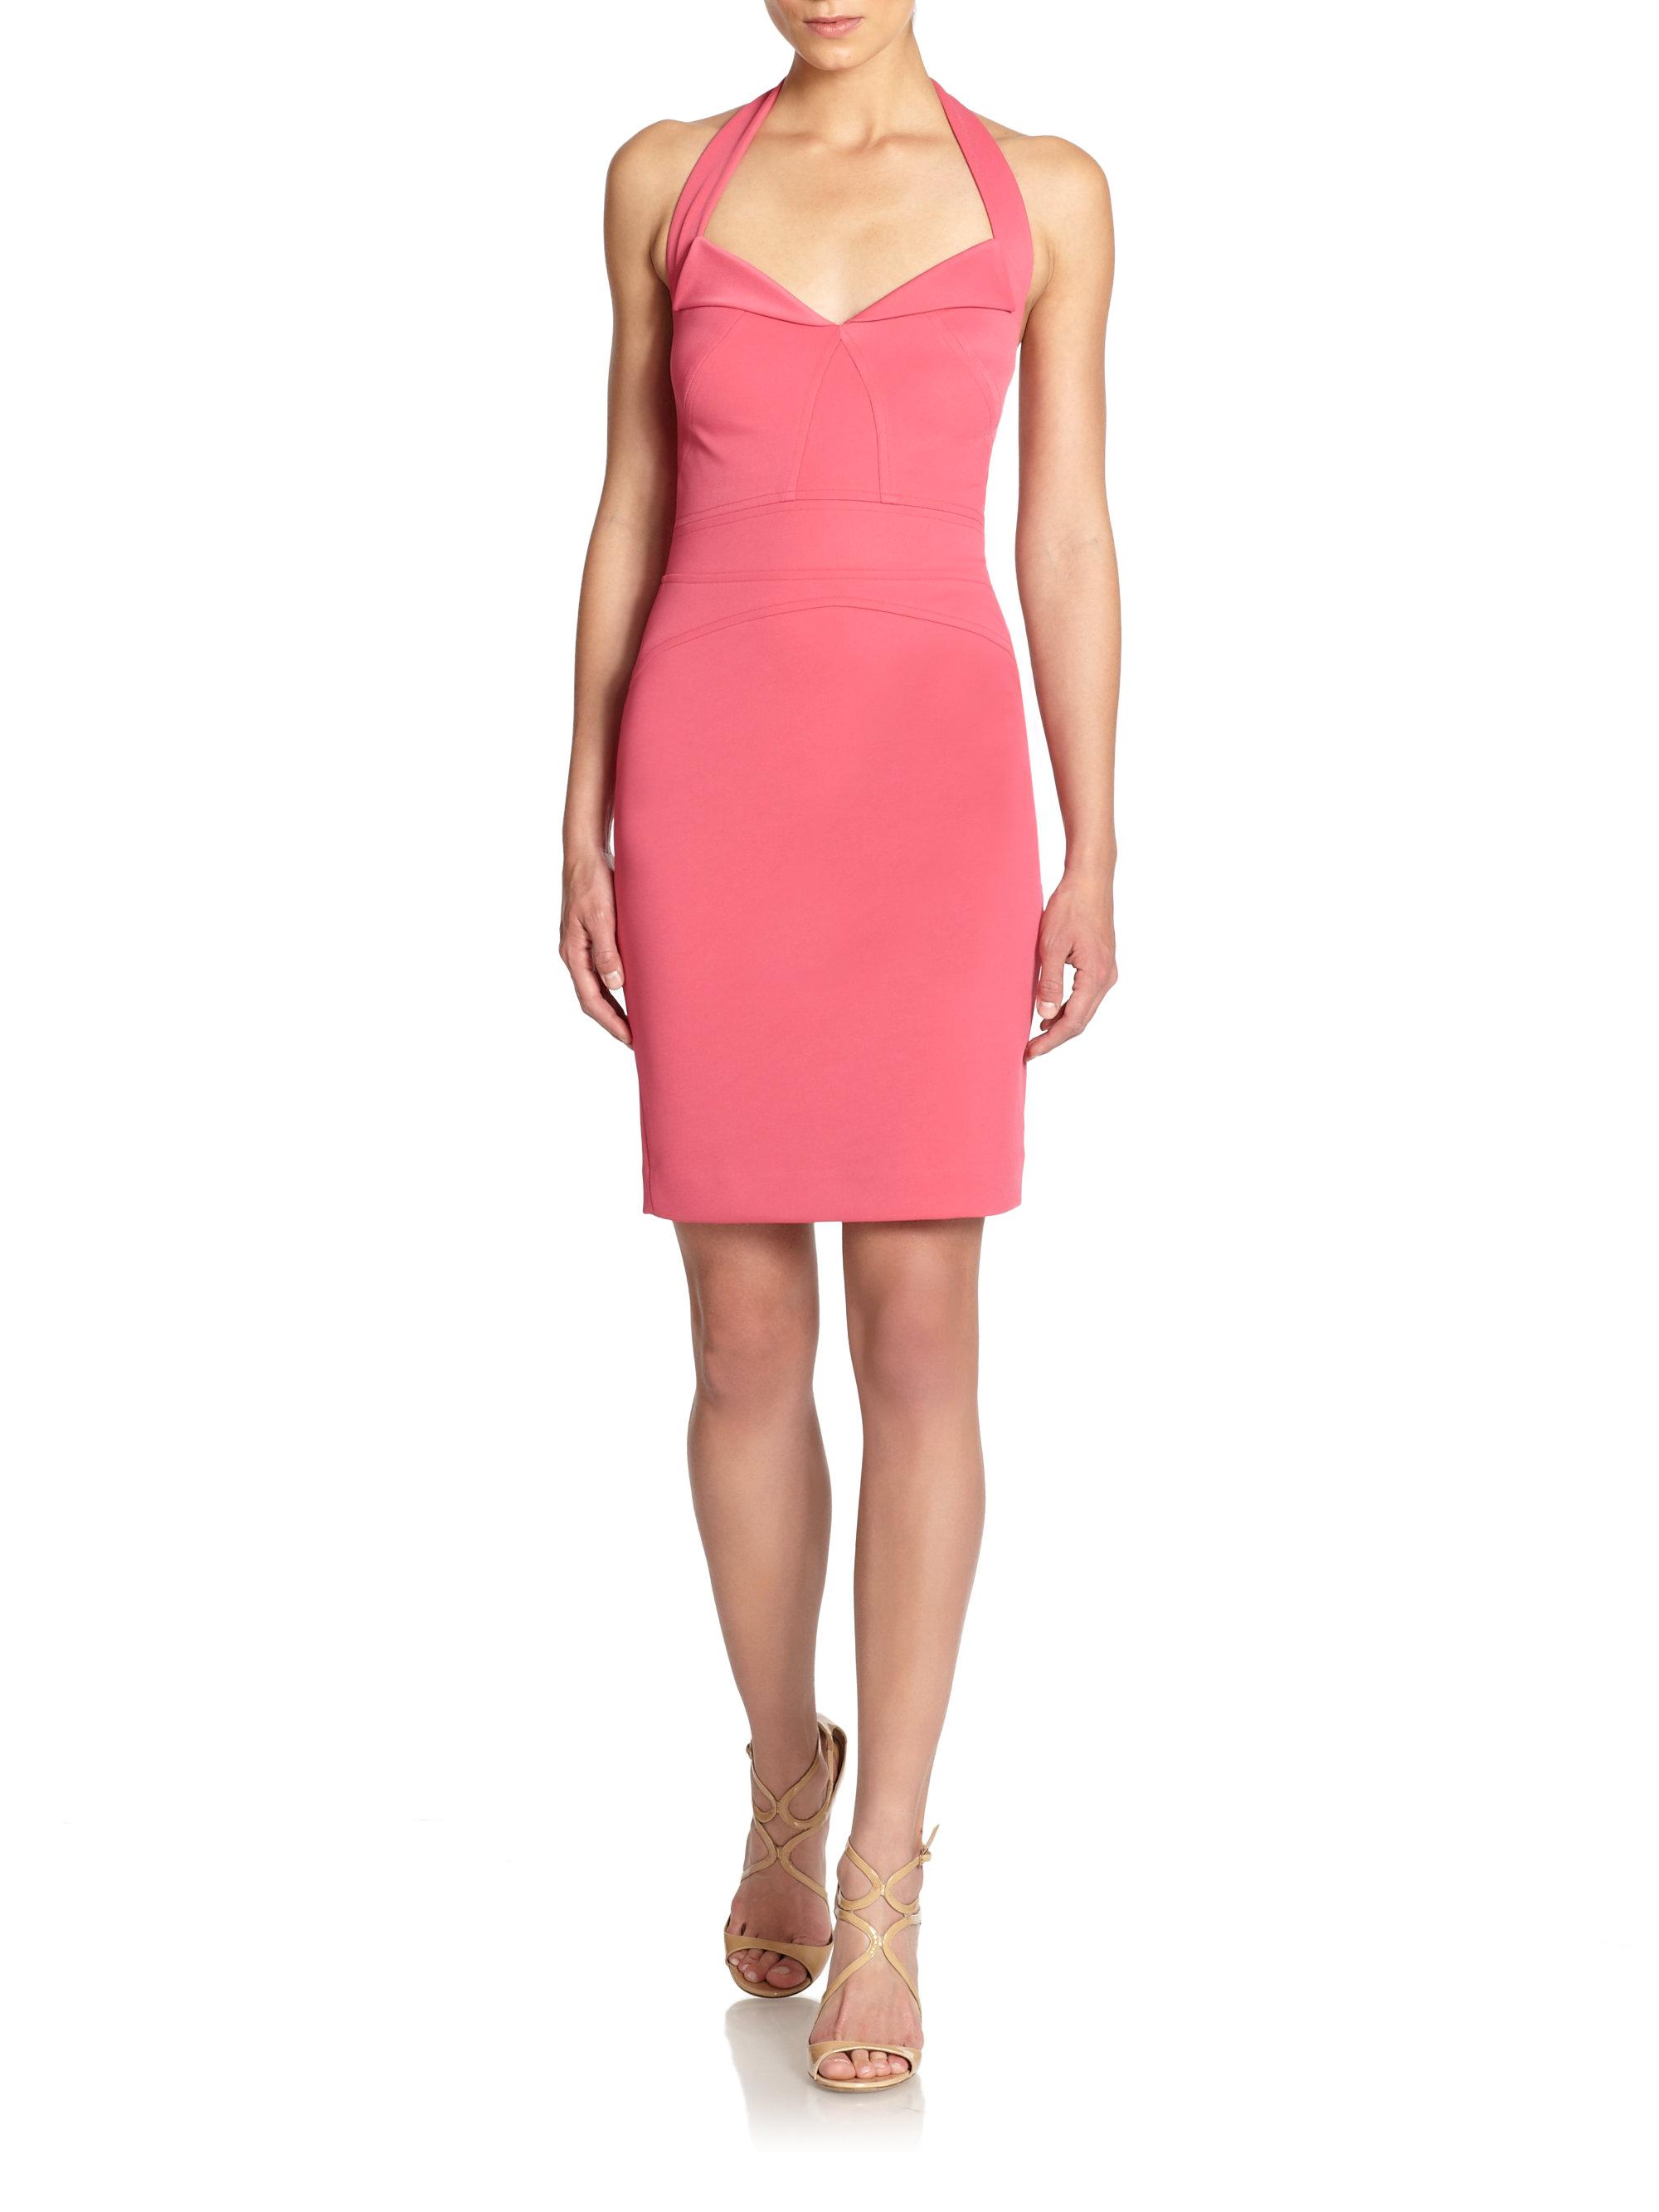 Pink Halter Dresses